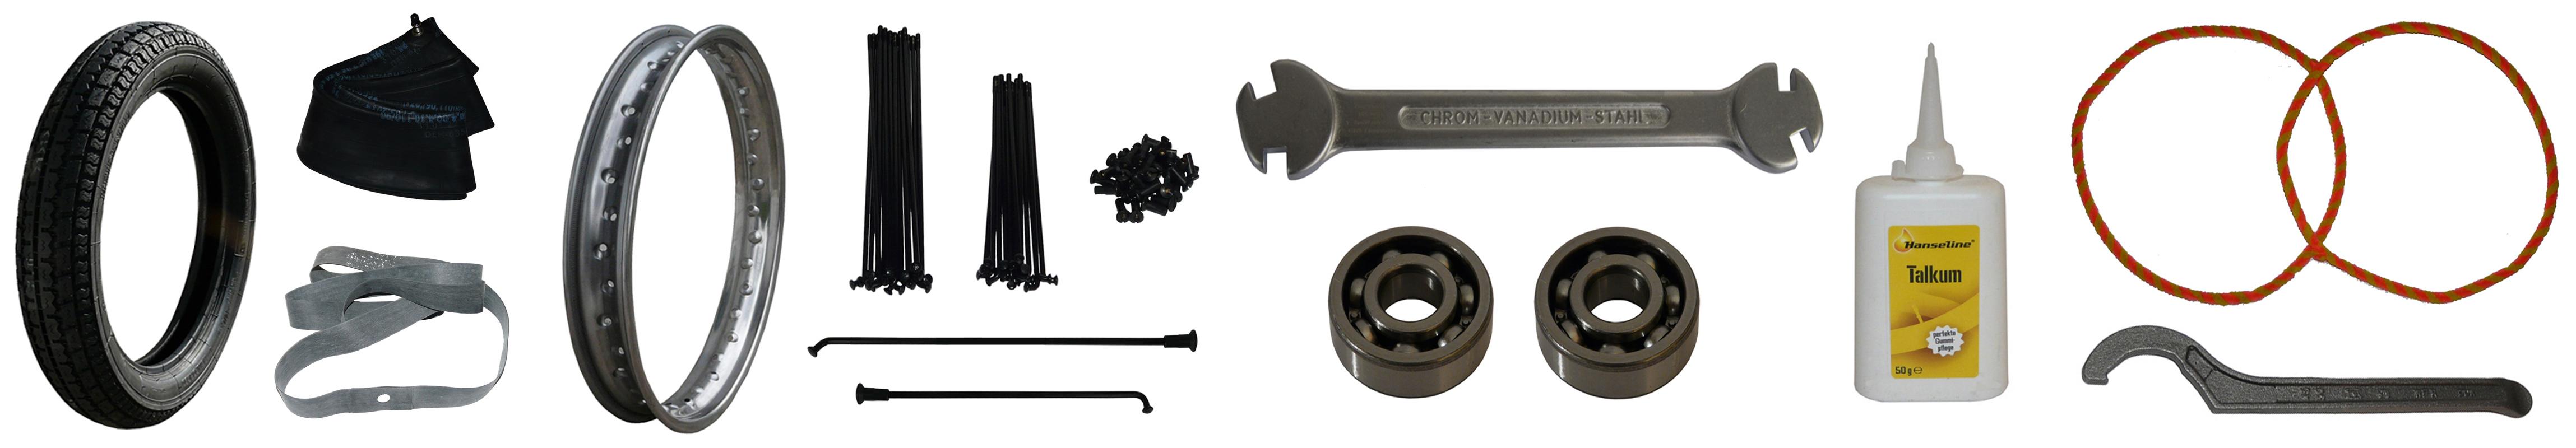 EMW R 35 Ersatzteile Hinterrad